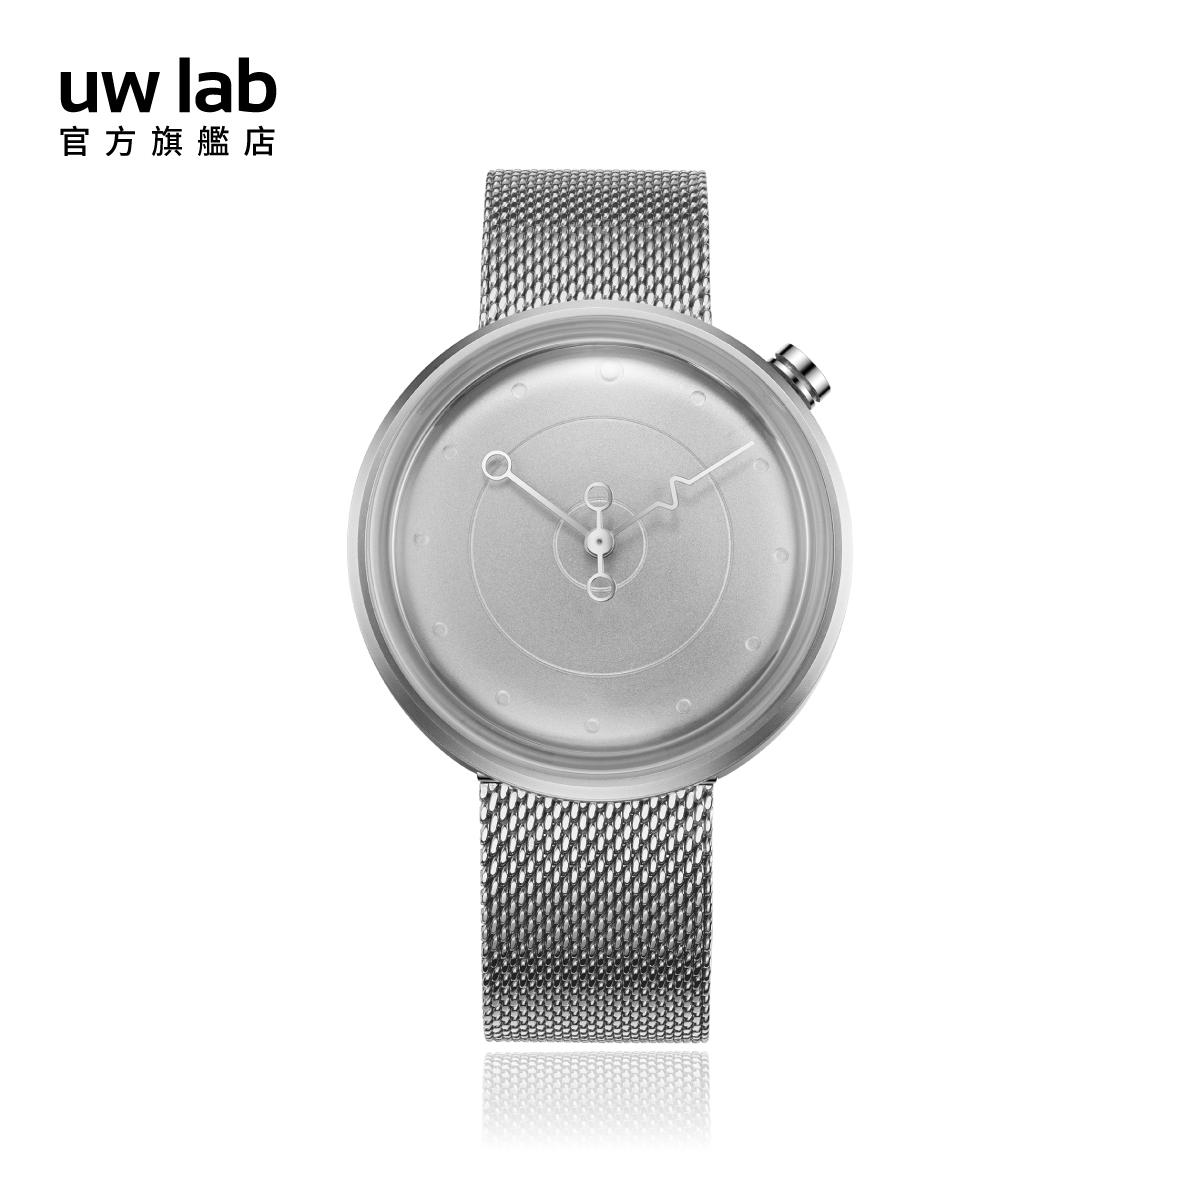 系列 小众设计师石英表腕表原创概念简约气质手表女  ULTRAWORKS G2